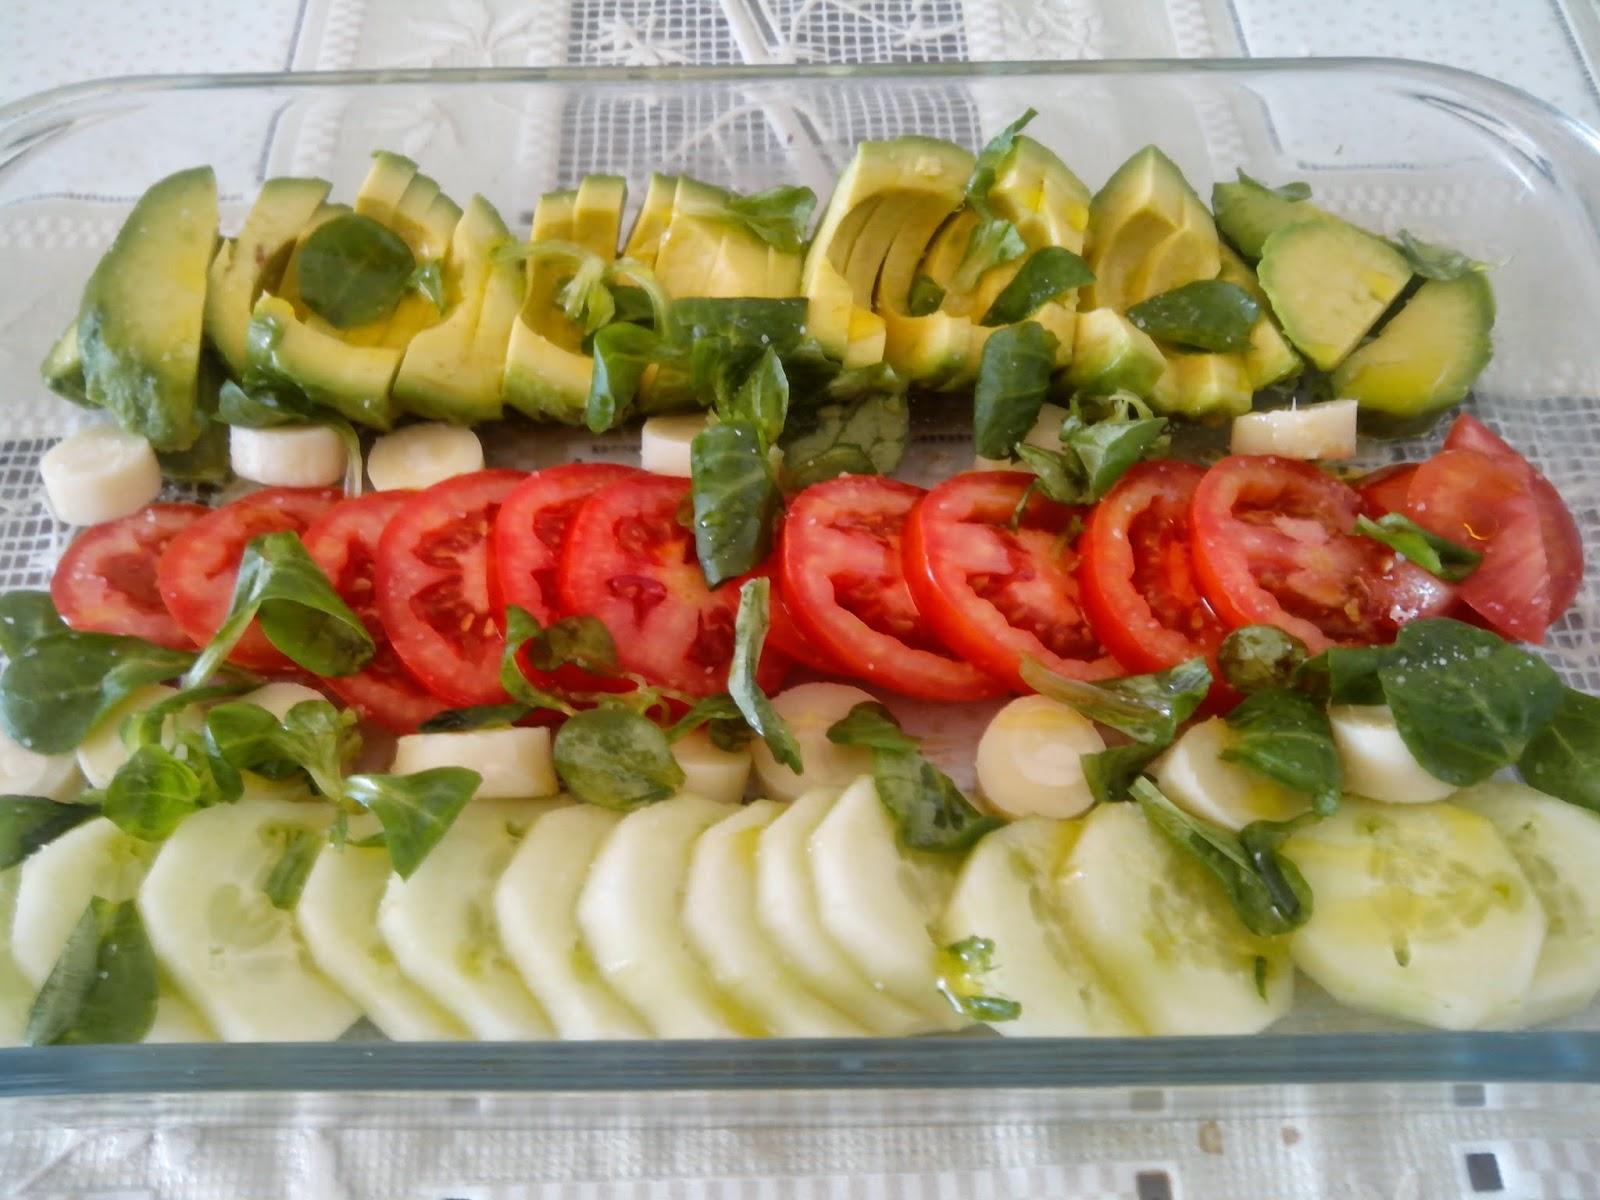 Imagen de la ensalada de tomate, canónigos, aguacate, pepino y palmito